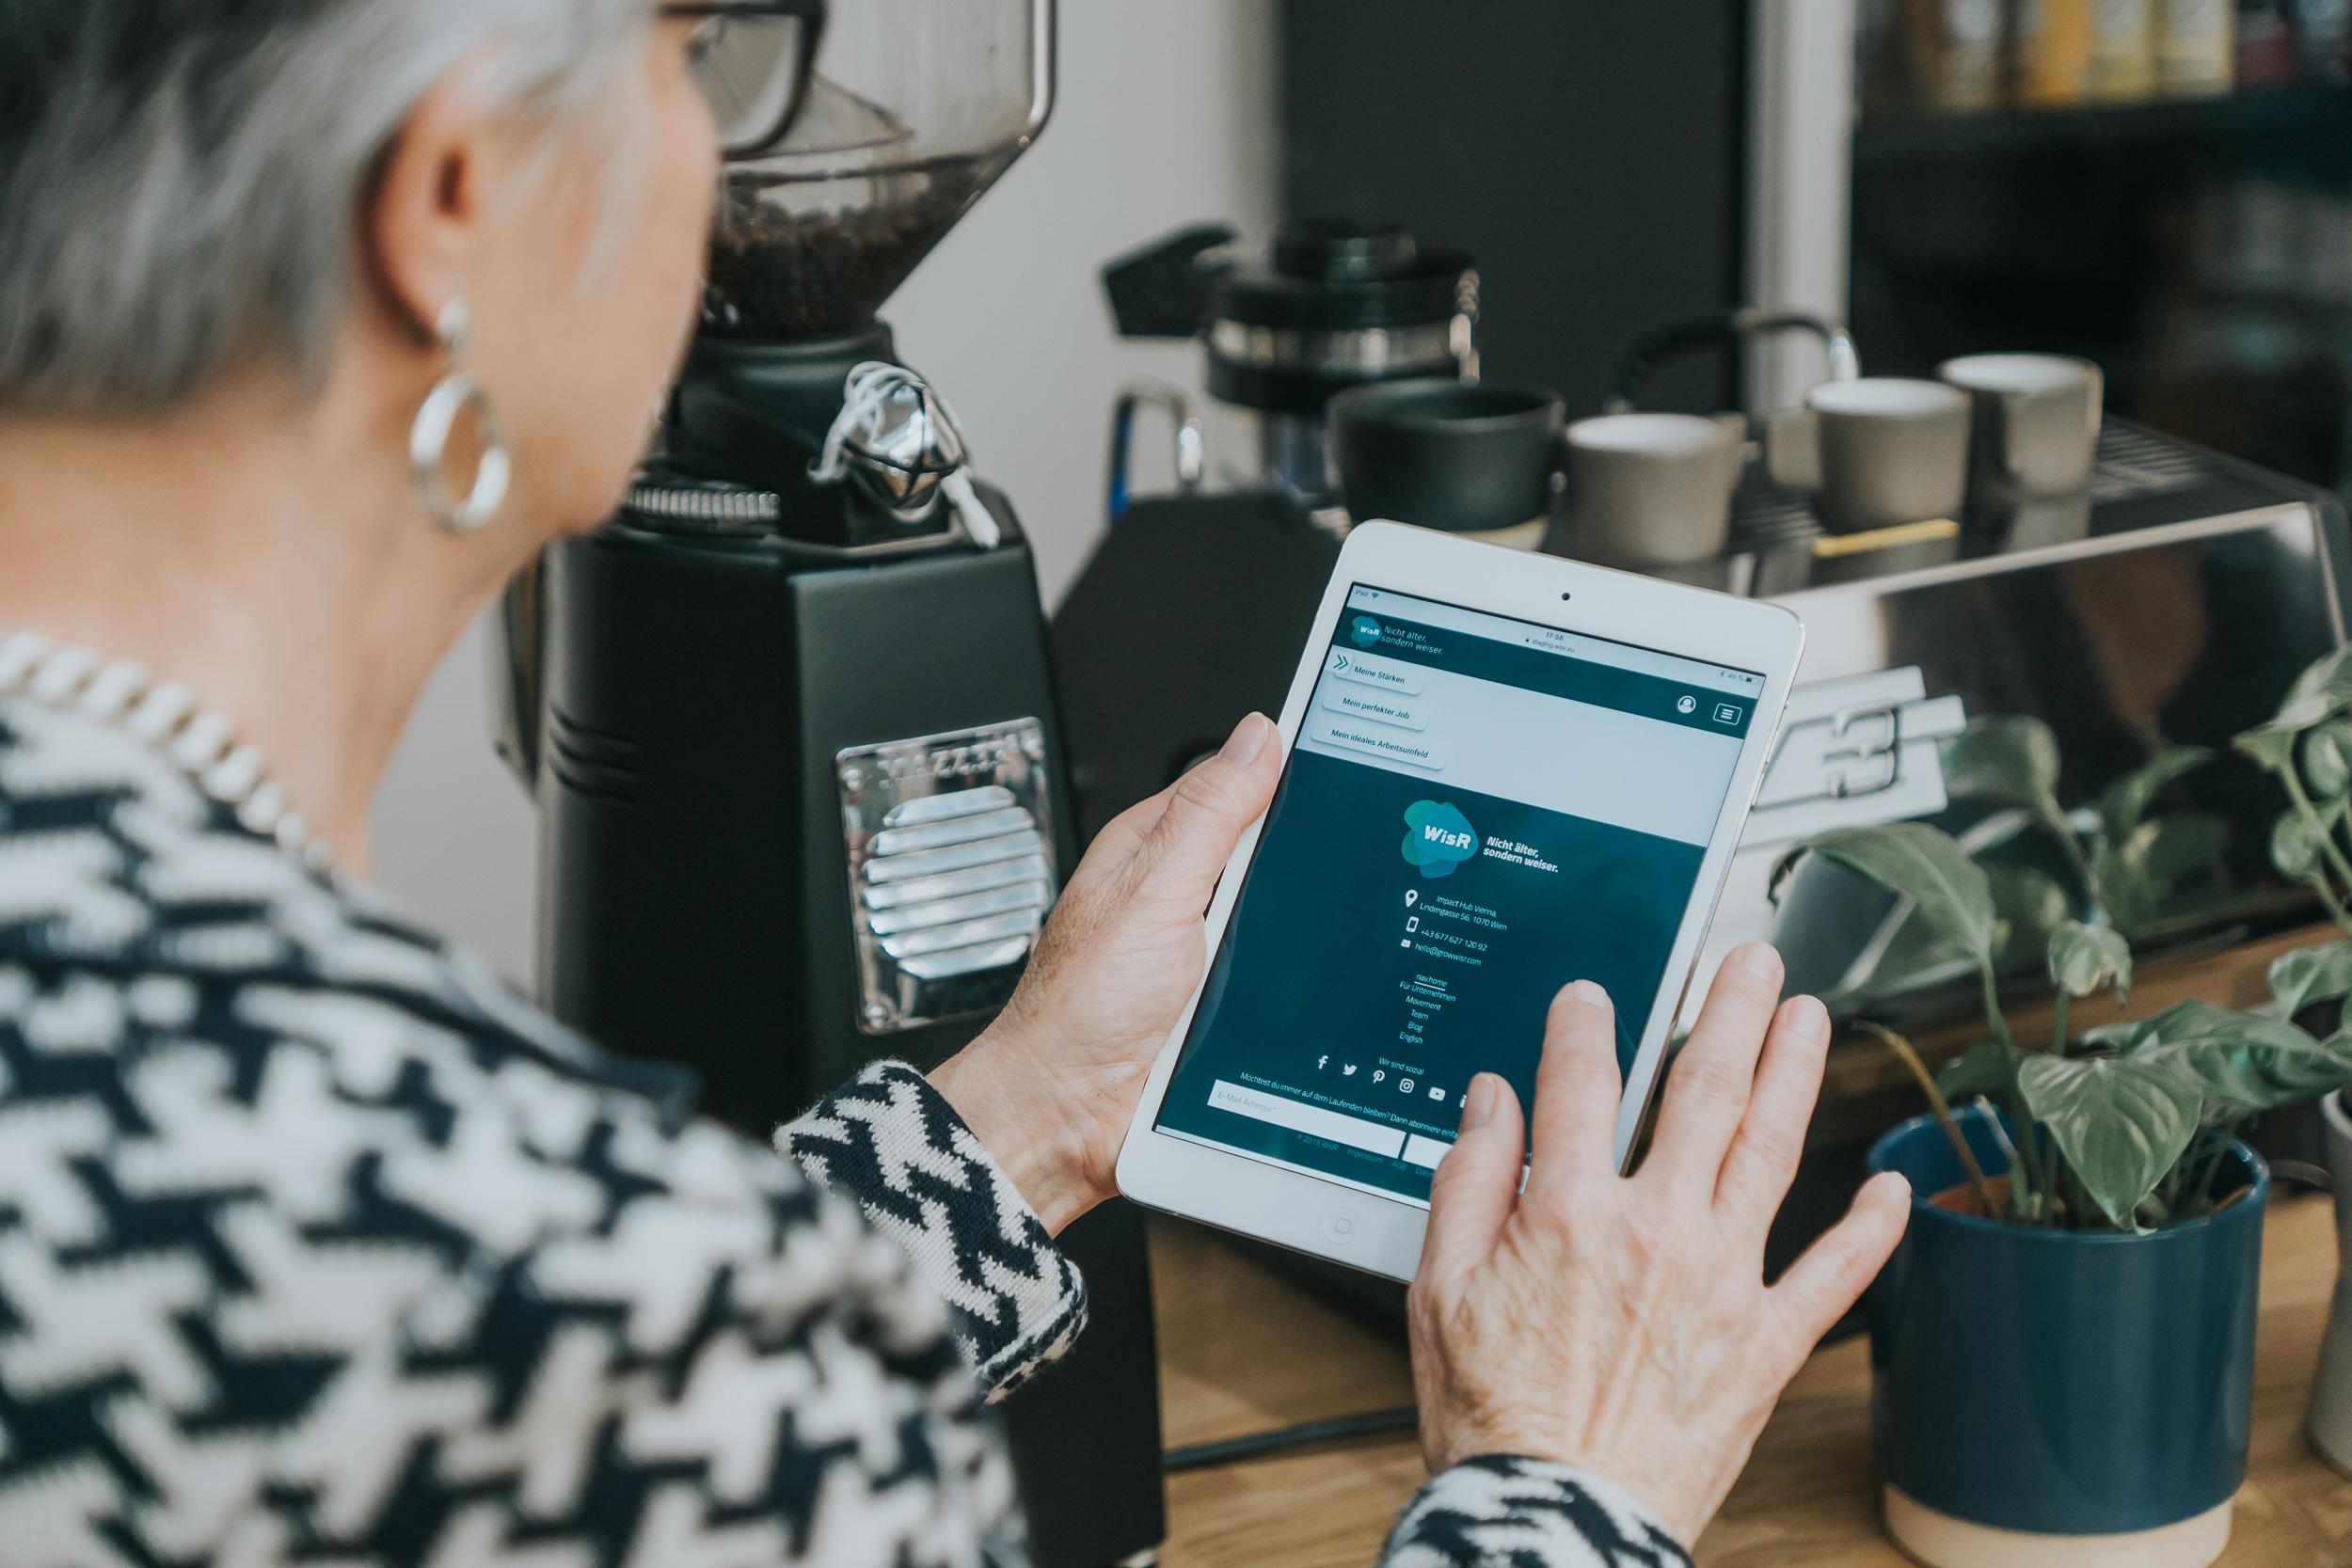 Das Wiener Startup WisR hilft weltoffenen und aktiven Pensionisten, den Silver Agern, noch einmal durchzustarten.